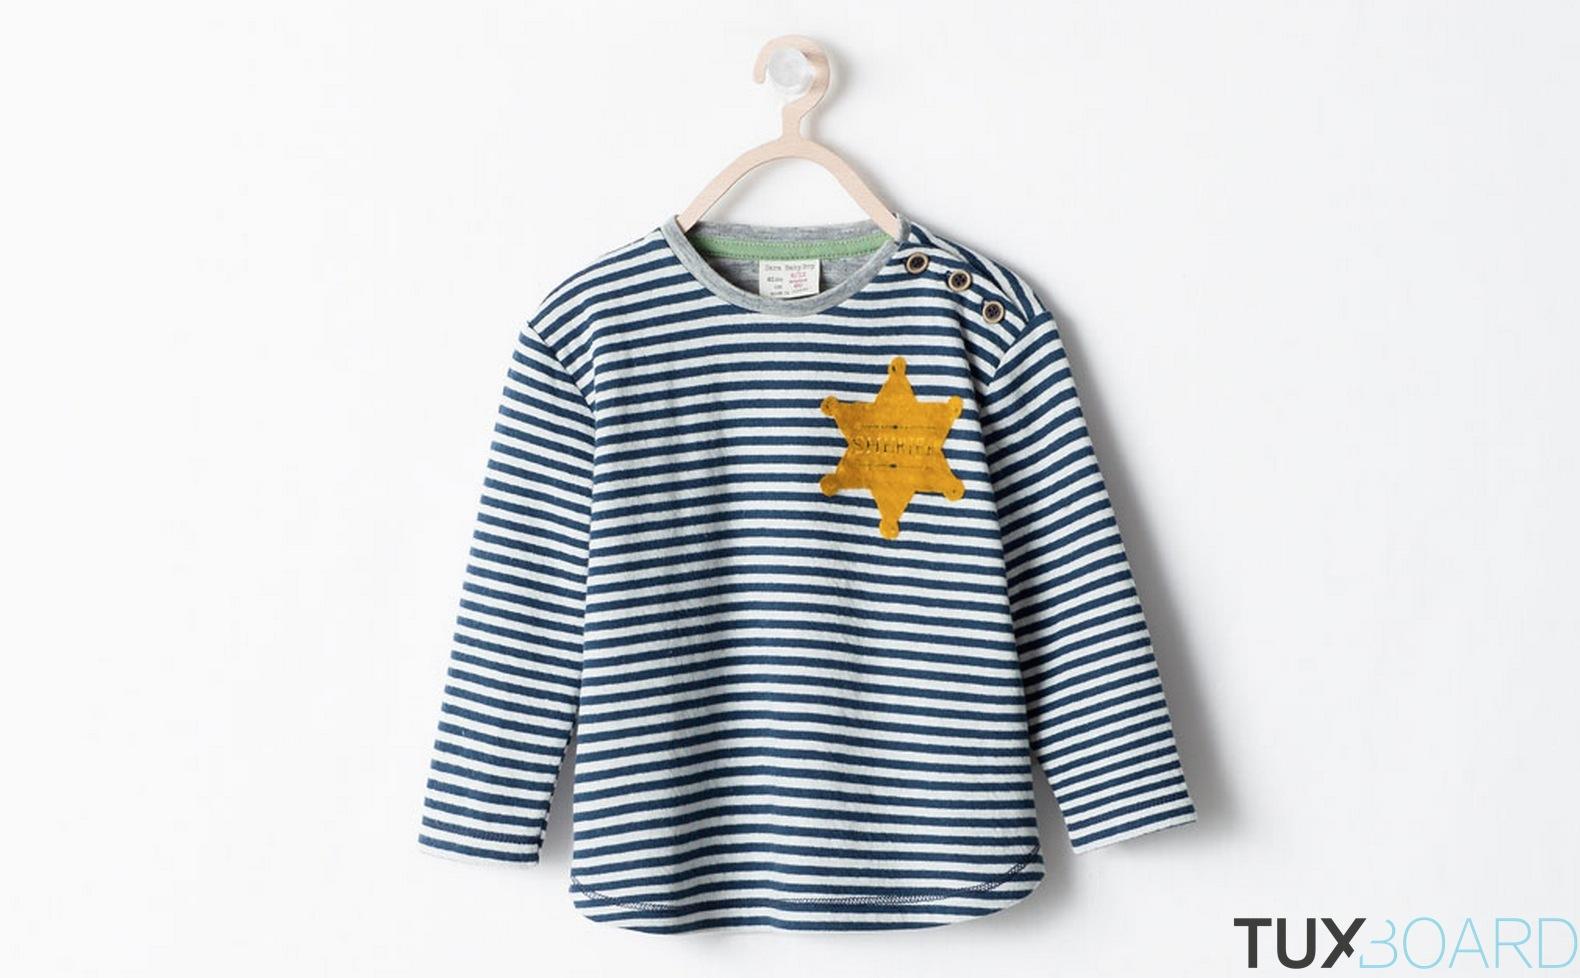 zara t shirt yellow star sherif fail